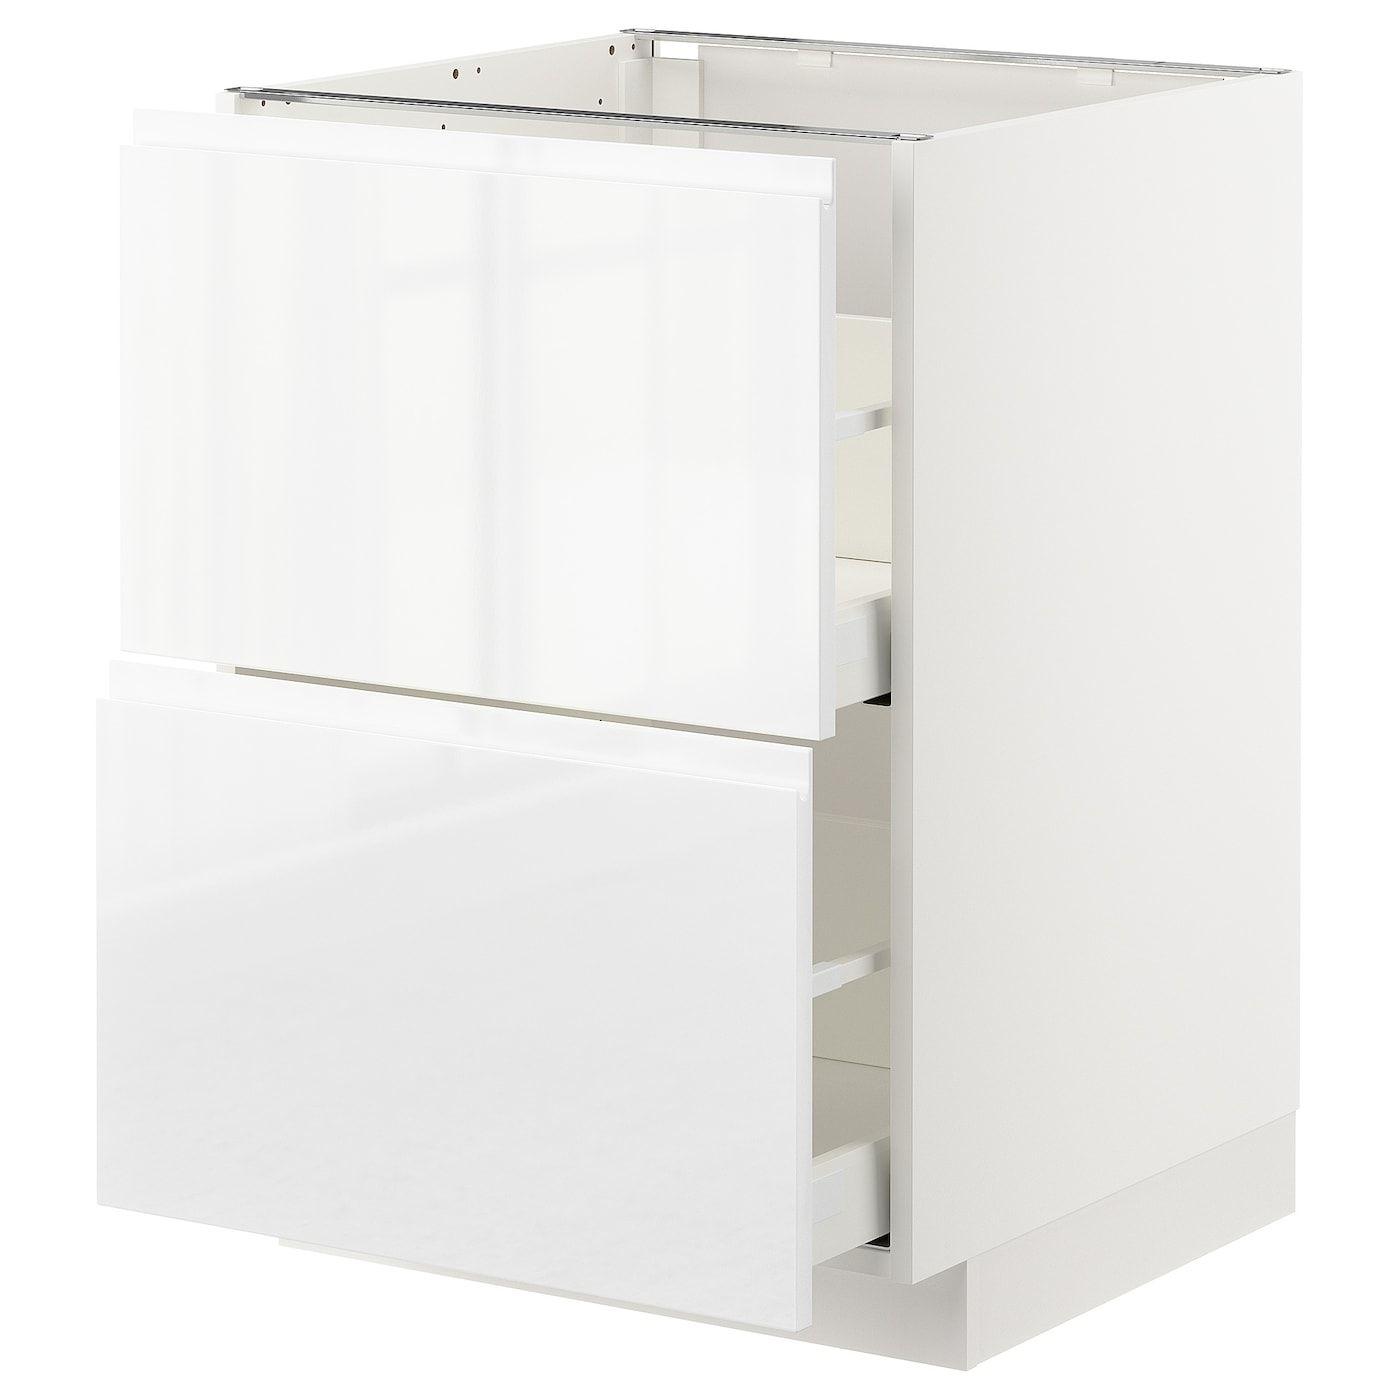 Full Size of Eckunterschrank Küche 60x60 Ikea Metod Maximera Base Cb 2 Fronts High Drawers White Mischbatterie Hochglanz Kreidetafel Wasserhahn Für Tresen Wohnzimmer Eckunterschrank Küche 60x60 Ikea